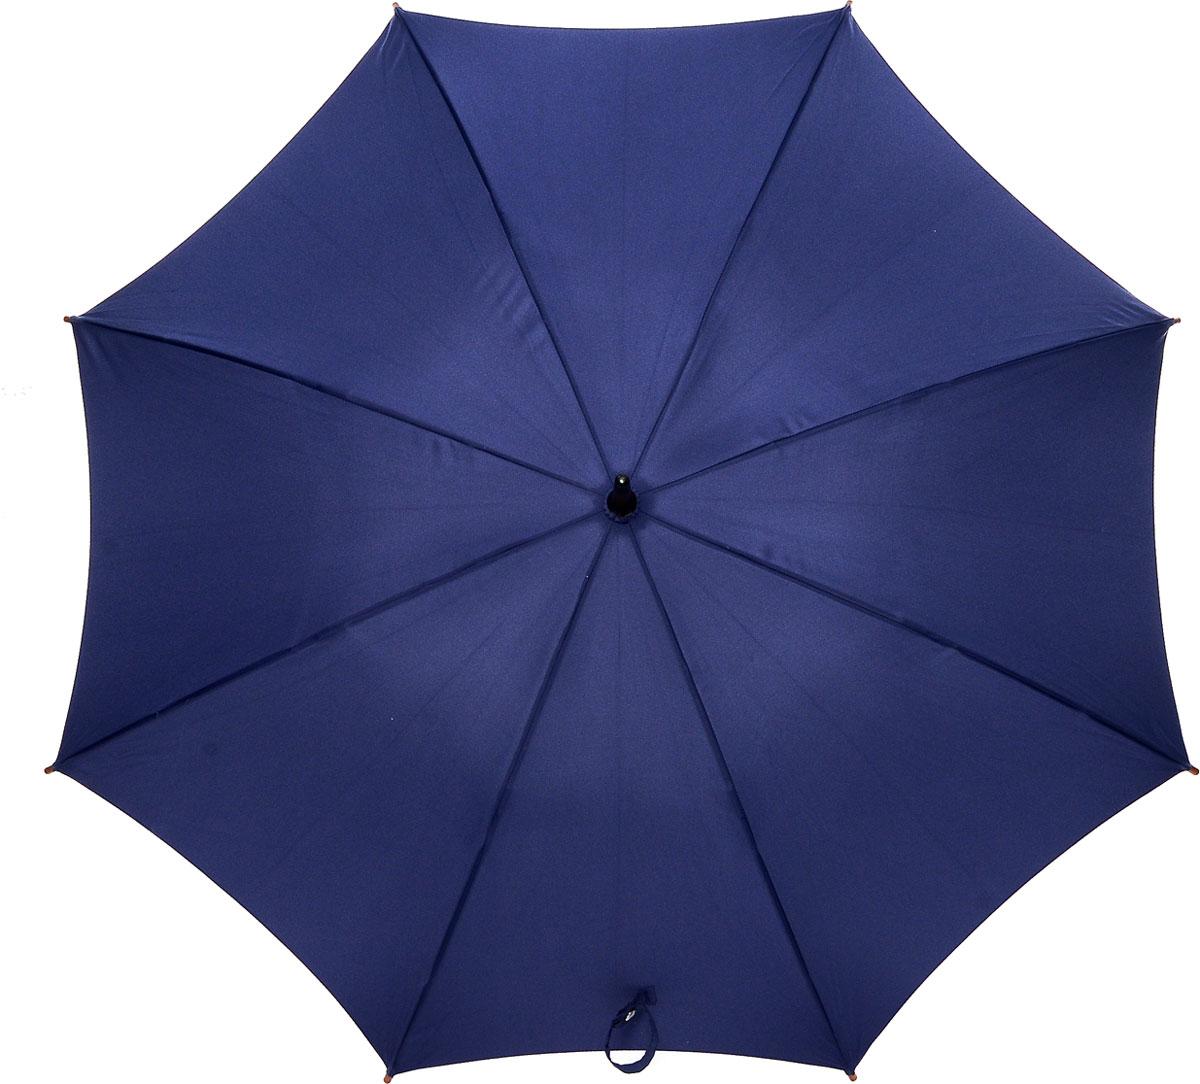 Зонт-трость женский Fulton Kensington, механический, цвет: темно-синий. L776-033L776-033 MidnightМодный механический зонт-трость Fulton Kensington даже в ненастную погоду позволит вам оставаться стильной и элегантной. Каркас зонта состоит из 8 спиц и стержня из фибергласса. Купол зонта выполнен из прочного полиэстера. Изделие оснащено удобной рукояткой из дерева. Зонт механического сложения: купол открывается и закрывается вручную до характерного щелчка. Модель закрывается при помощи двух хлястиков на кнопках. Такой зонт не только надежно защитит вас от дождя, но и станет стильным аксессуаром, который идеально подчеркнет ваш неповторимый образ.